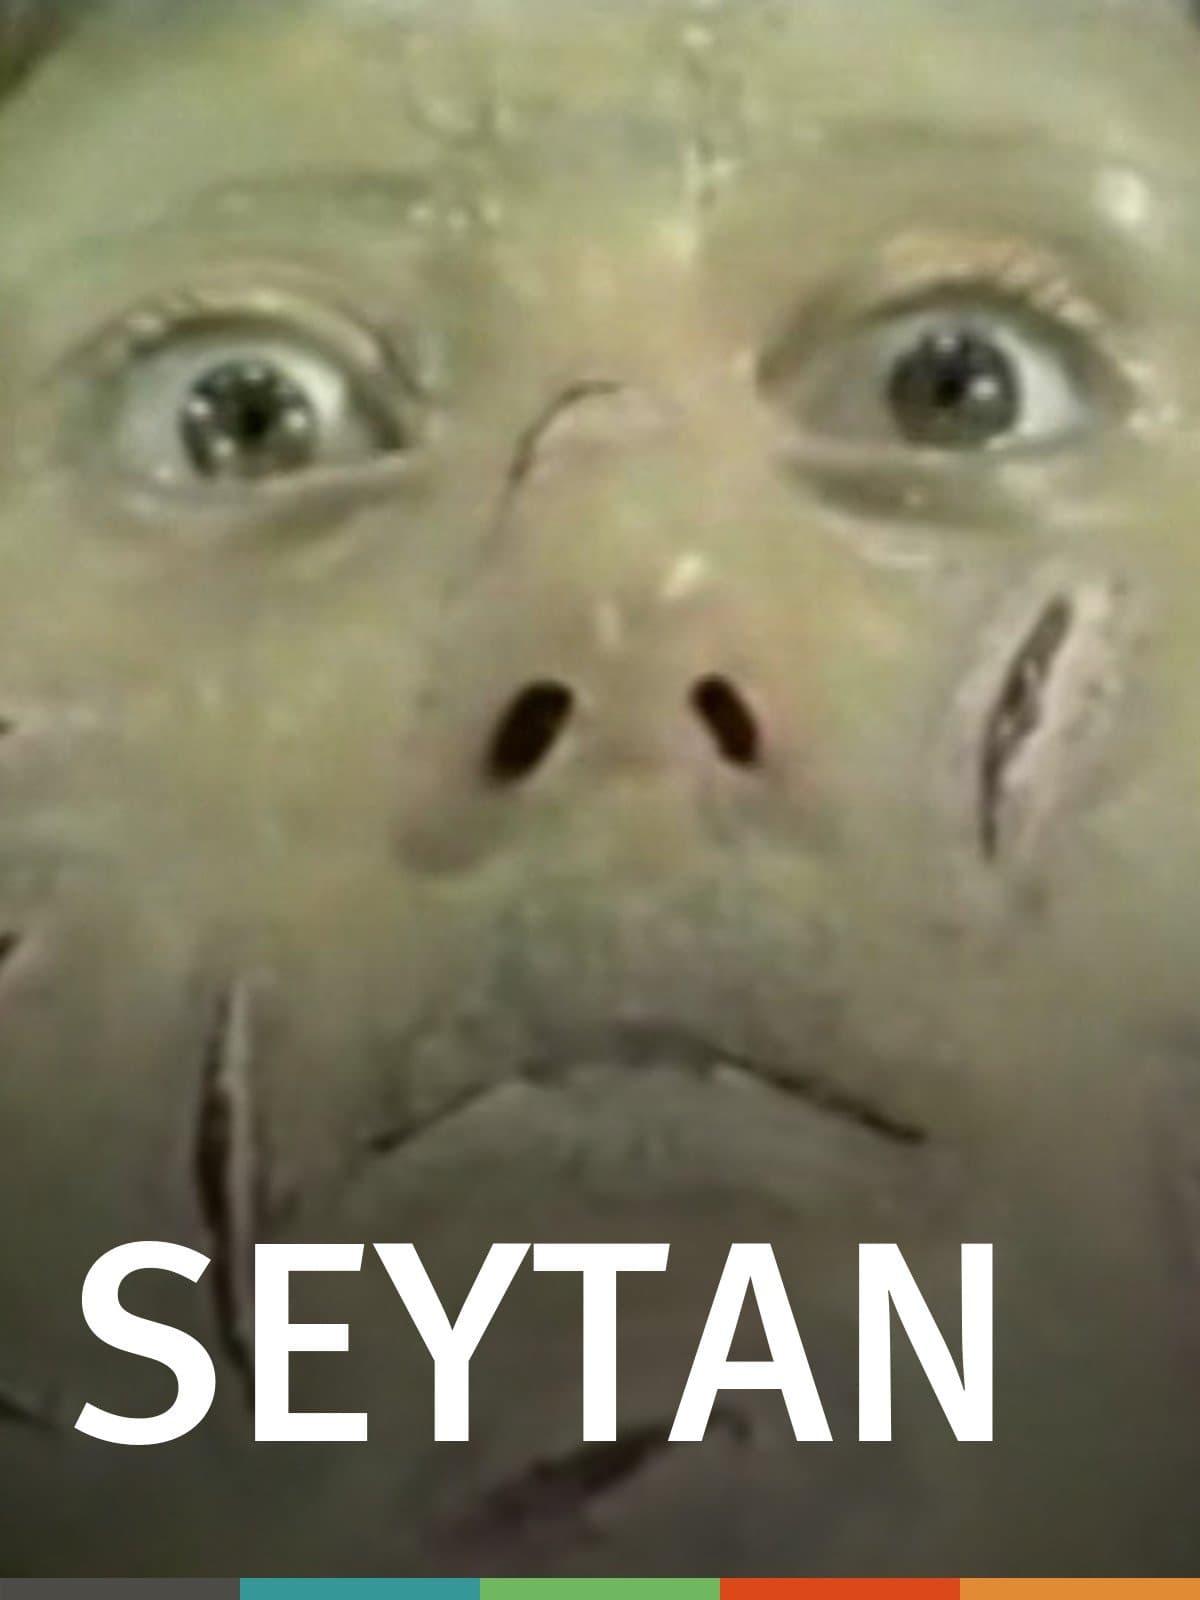 Seytan on FREECABLE TV